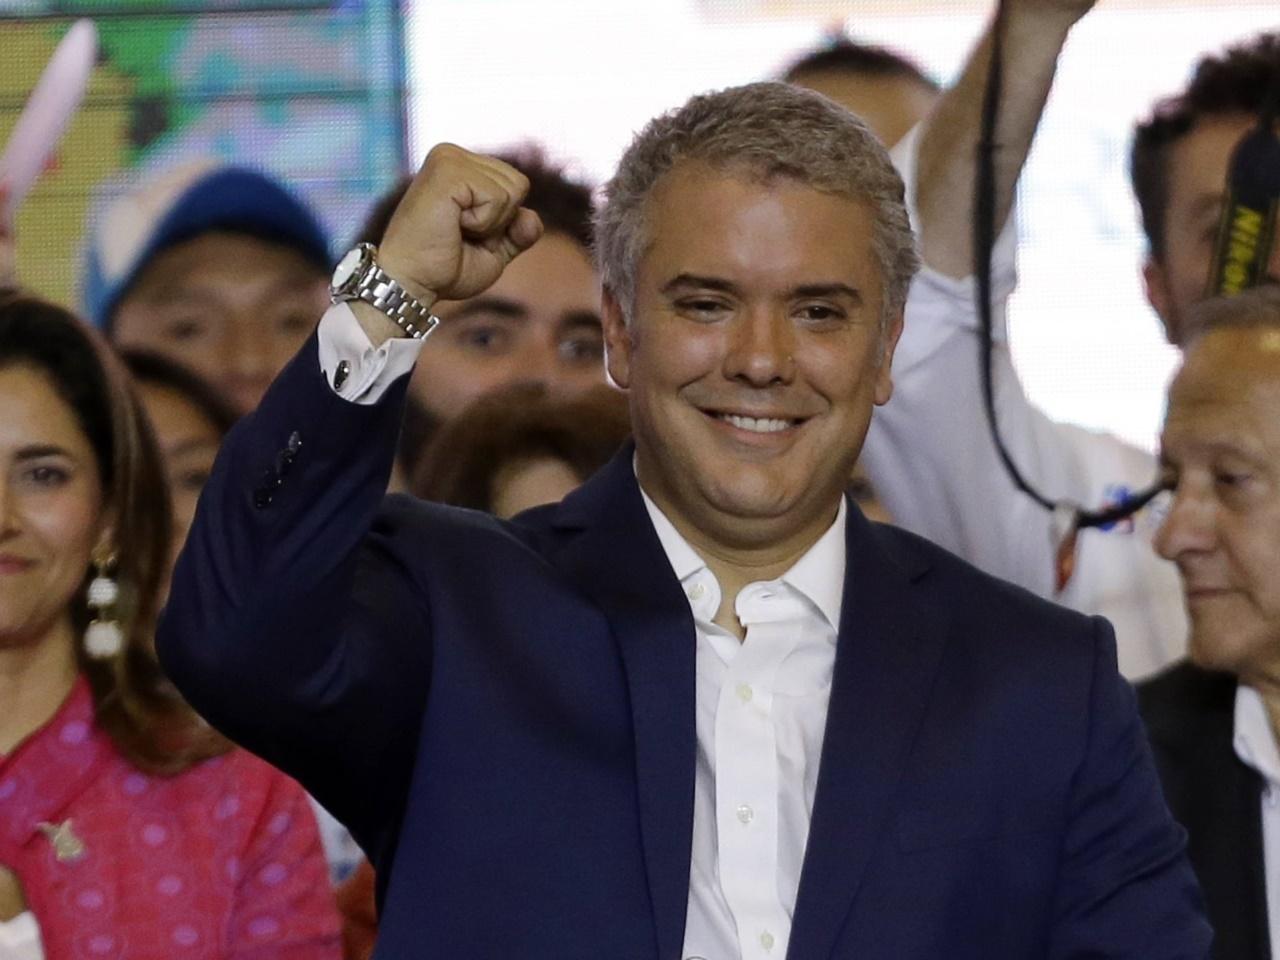 Gegner des Friedensvertrags gewinnt die Wahl in Kolumbien